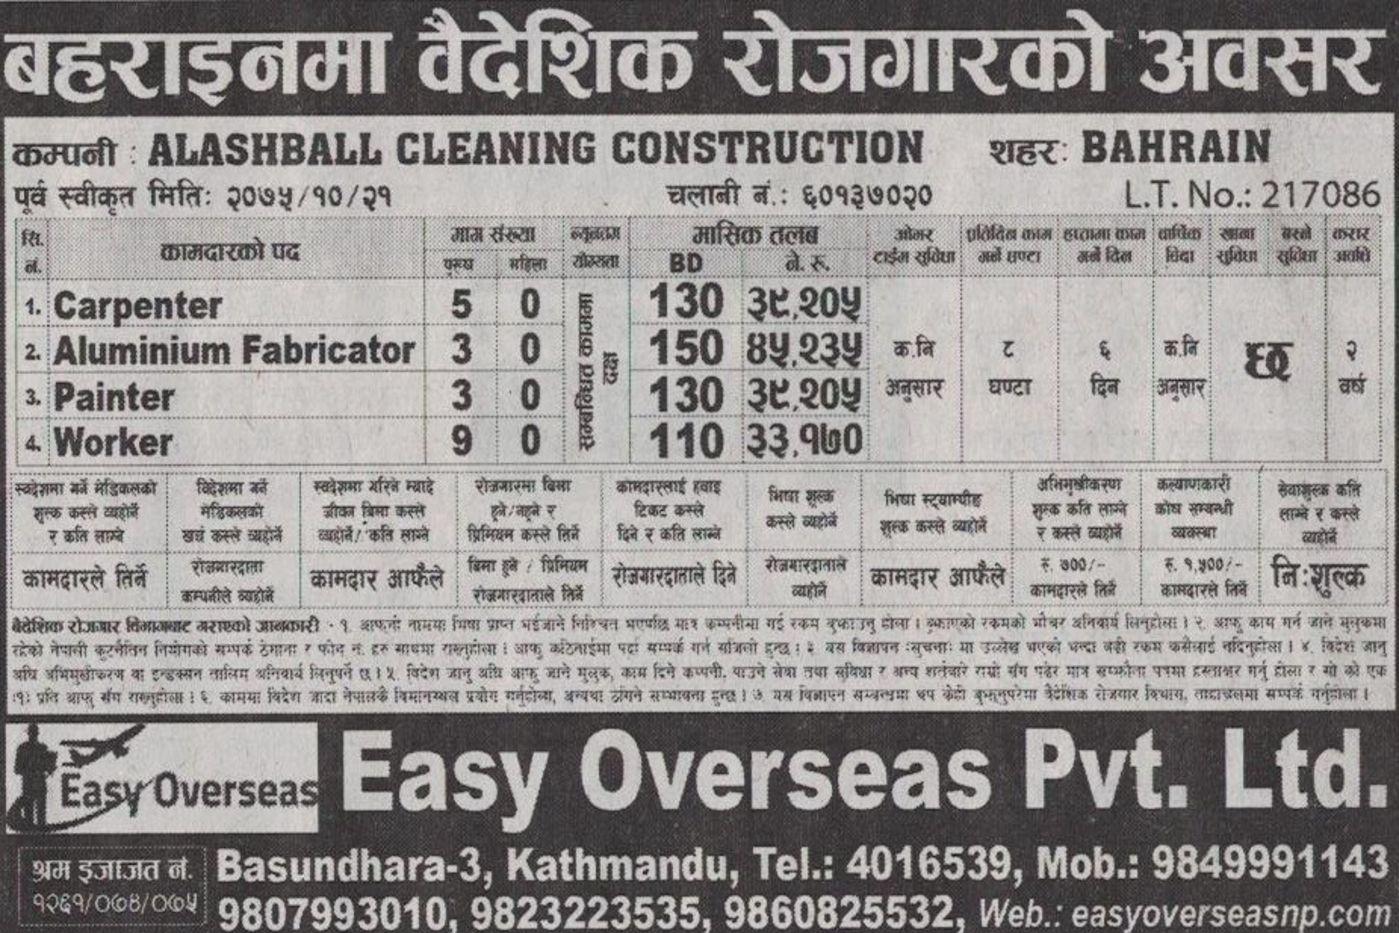 Jobs Nepal - Vacancy - Carpenter, Aluminium Fabricator, Painter